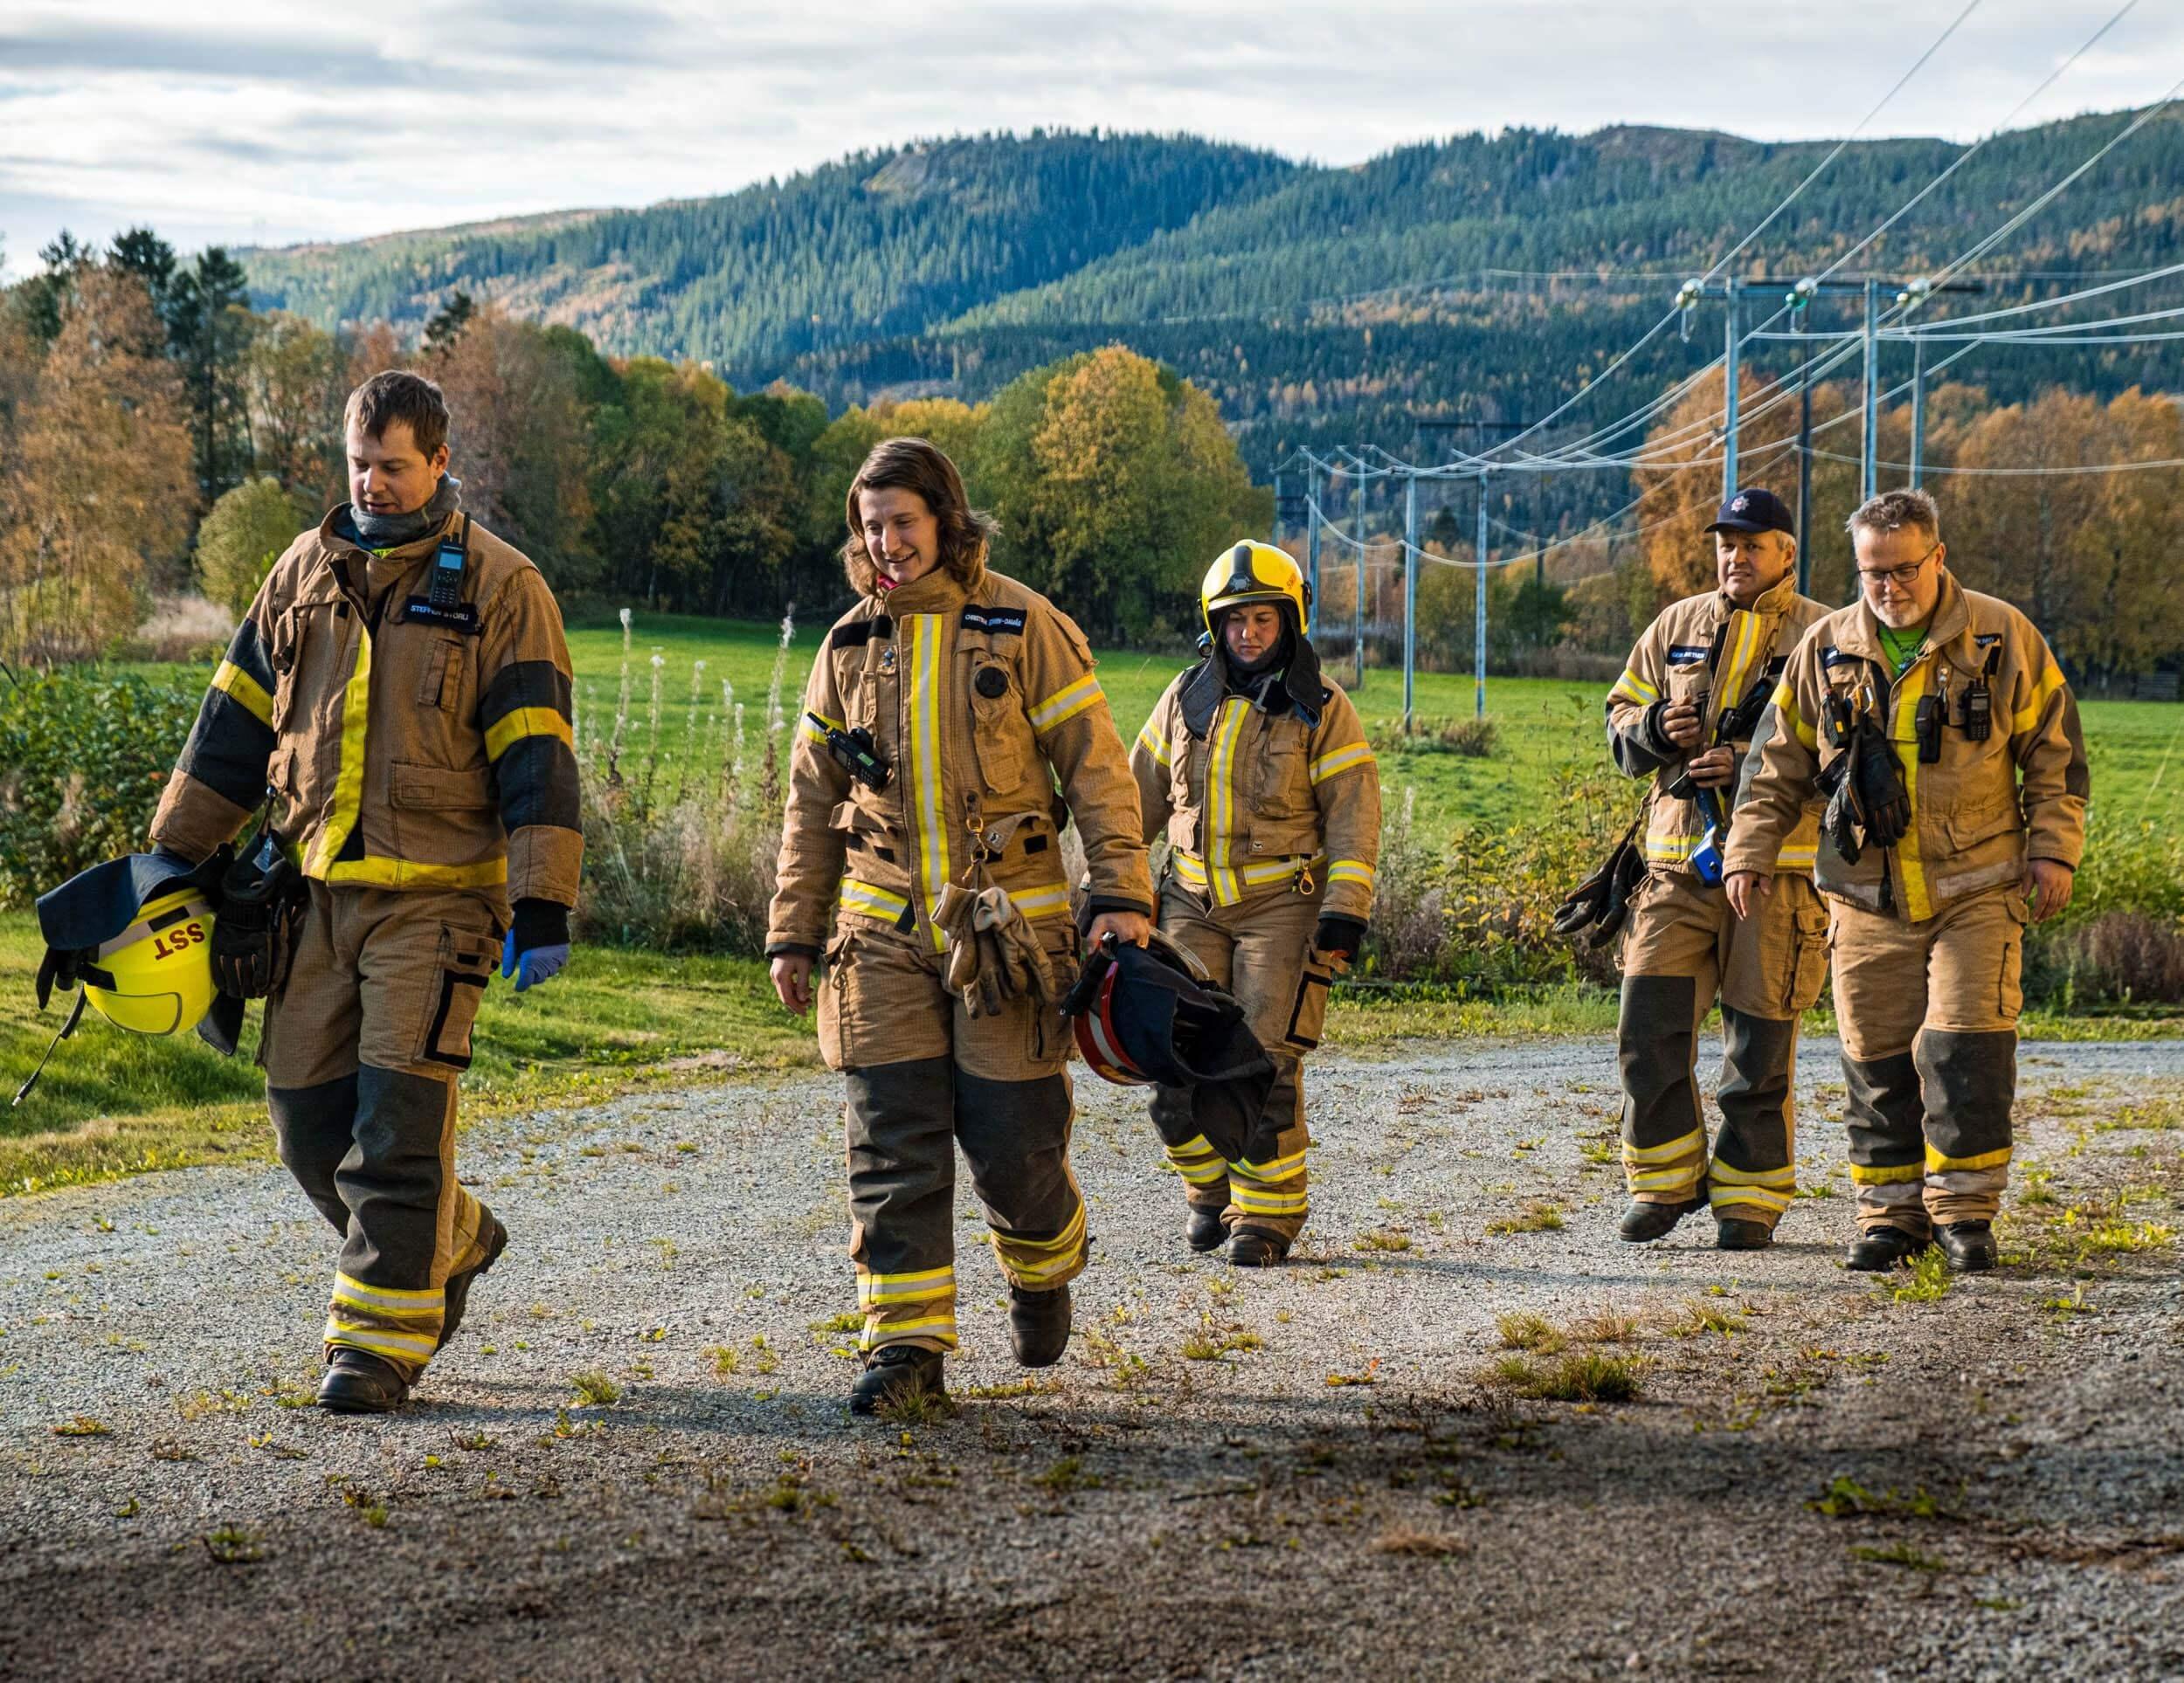 Brannmannskaper fra Namdalseid rykket ut til trafostasjonen, der situasjonen raskt ble avklart og mannskapene kunne vende tilbake til stasjonen. (Foto: Namsos brann og redning)